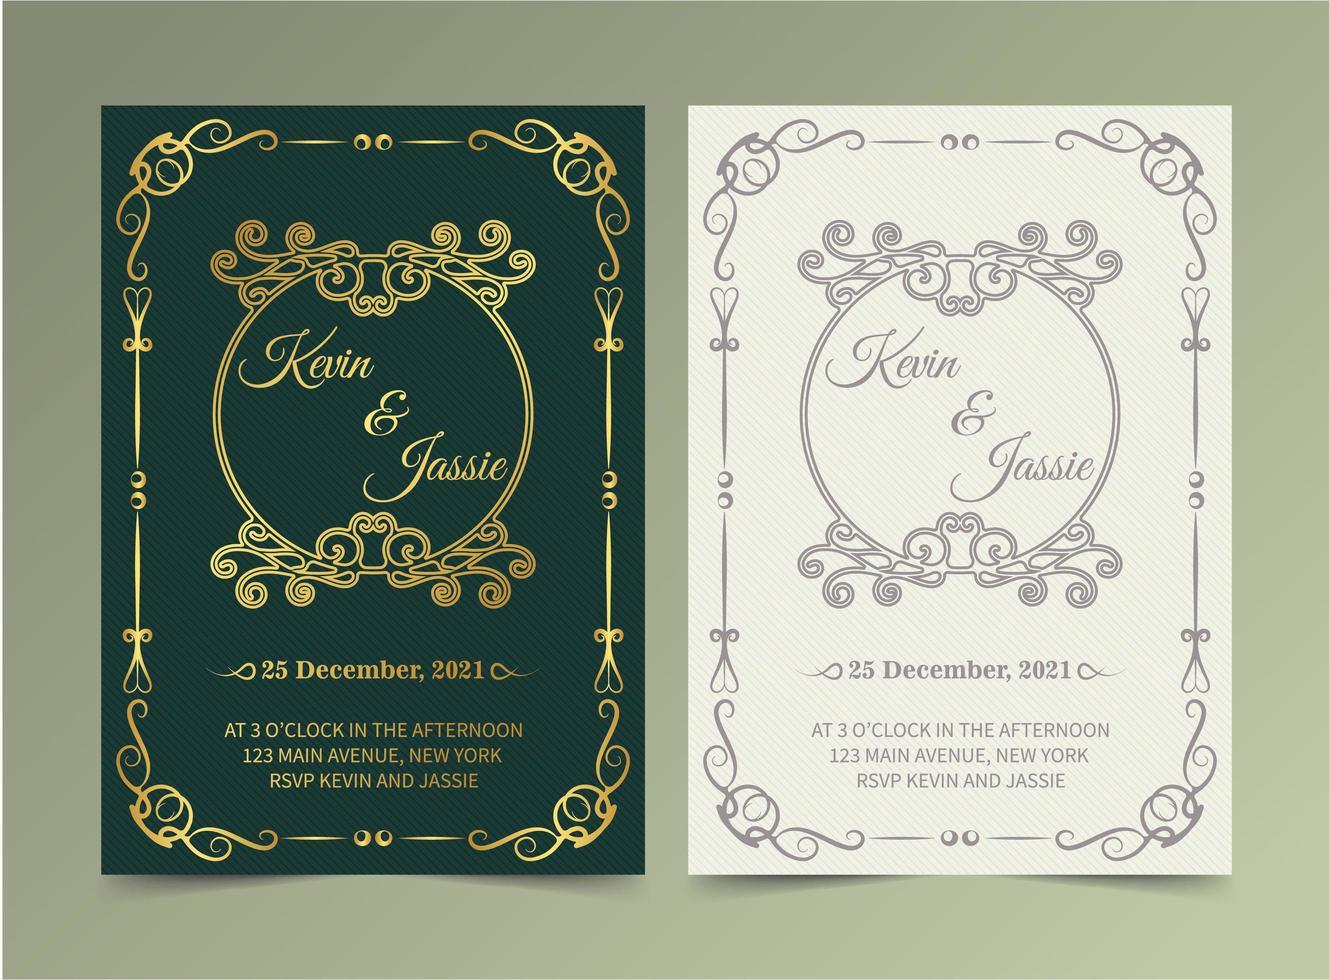 juego de tarjetas vintage de lujo verde y blanco vector